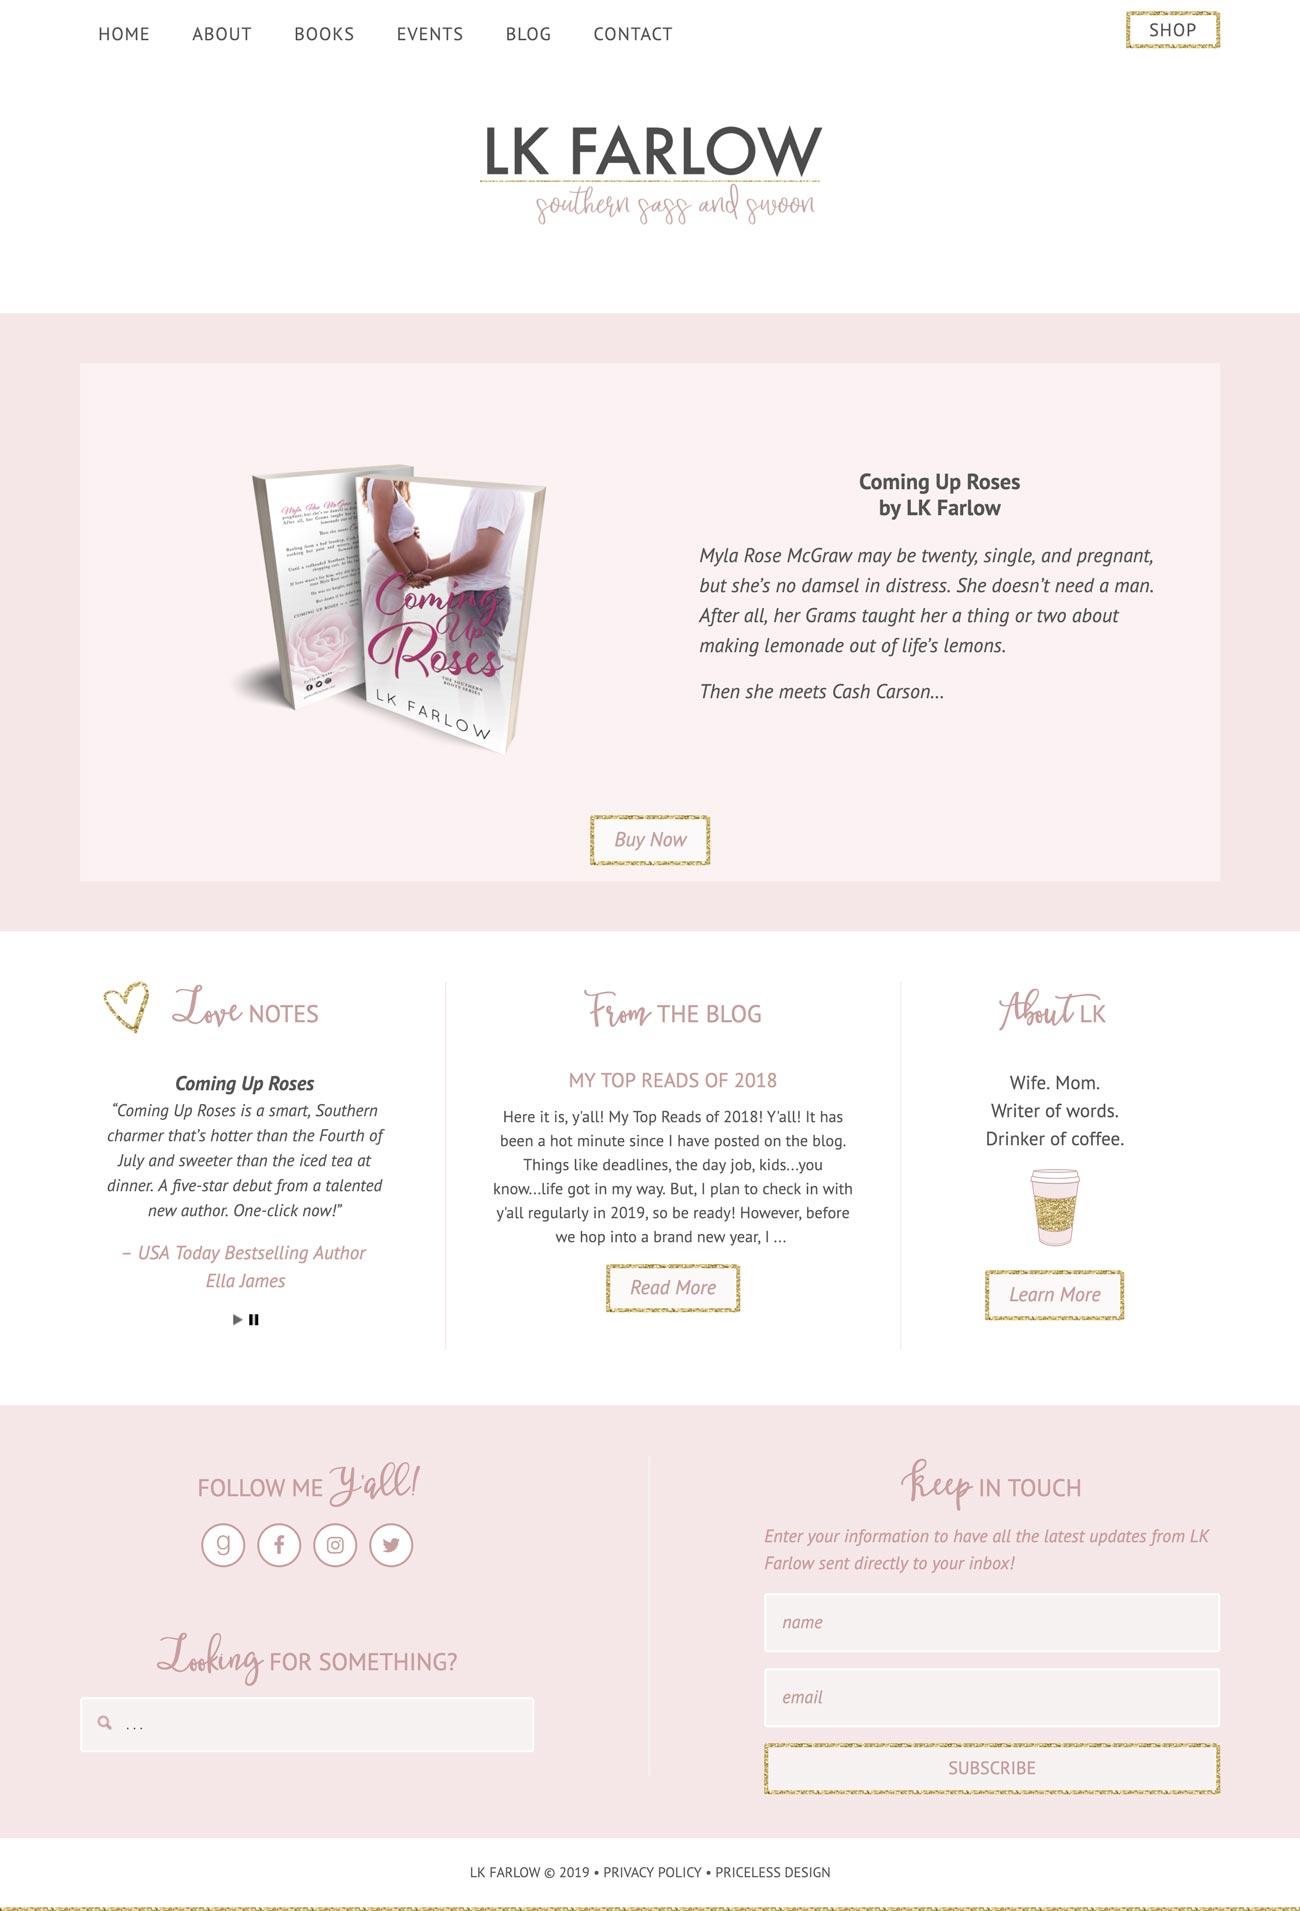 lkfarlow_homepage